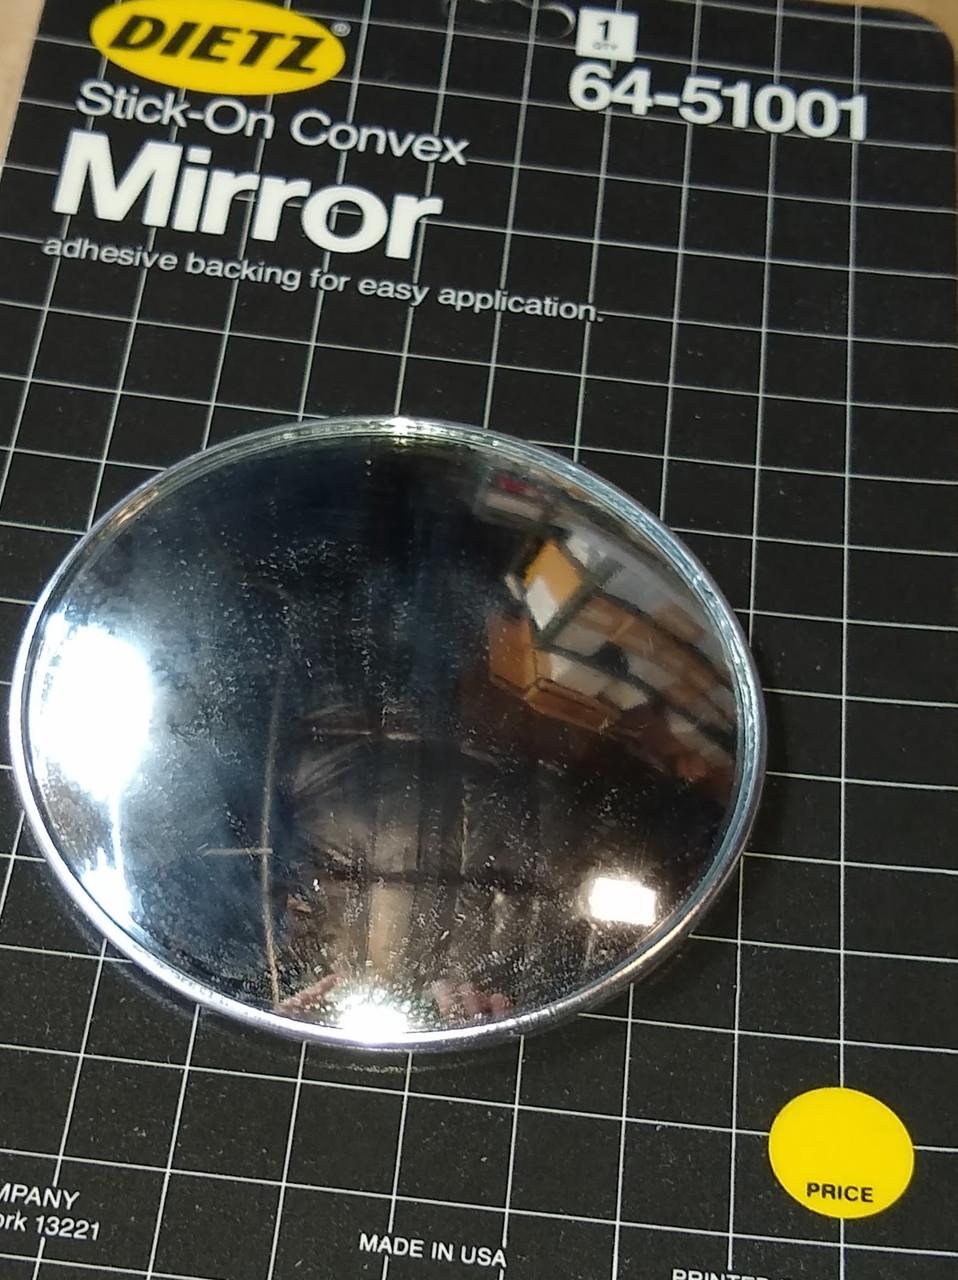 Dietz Stick-On Convex Mirror Part No.:  64-51001